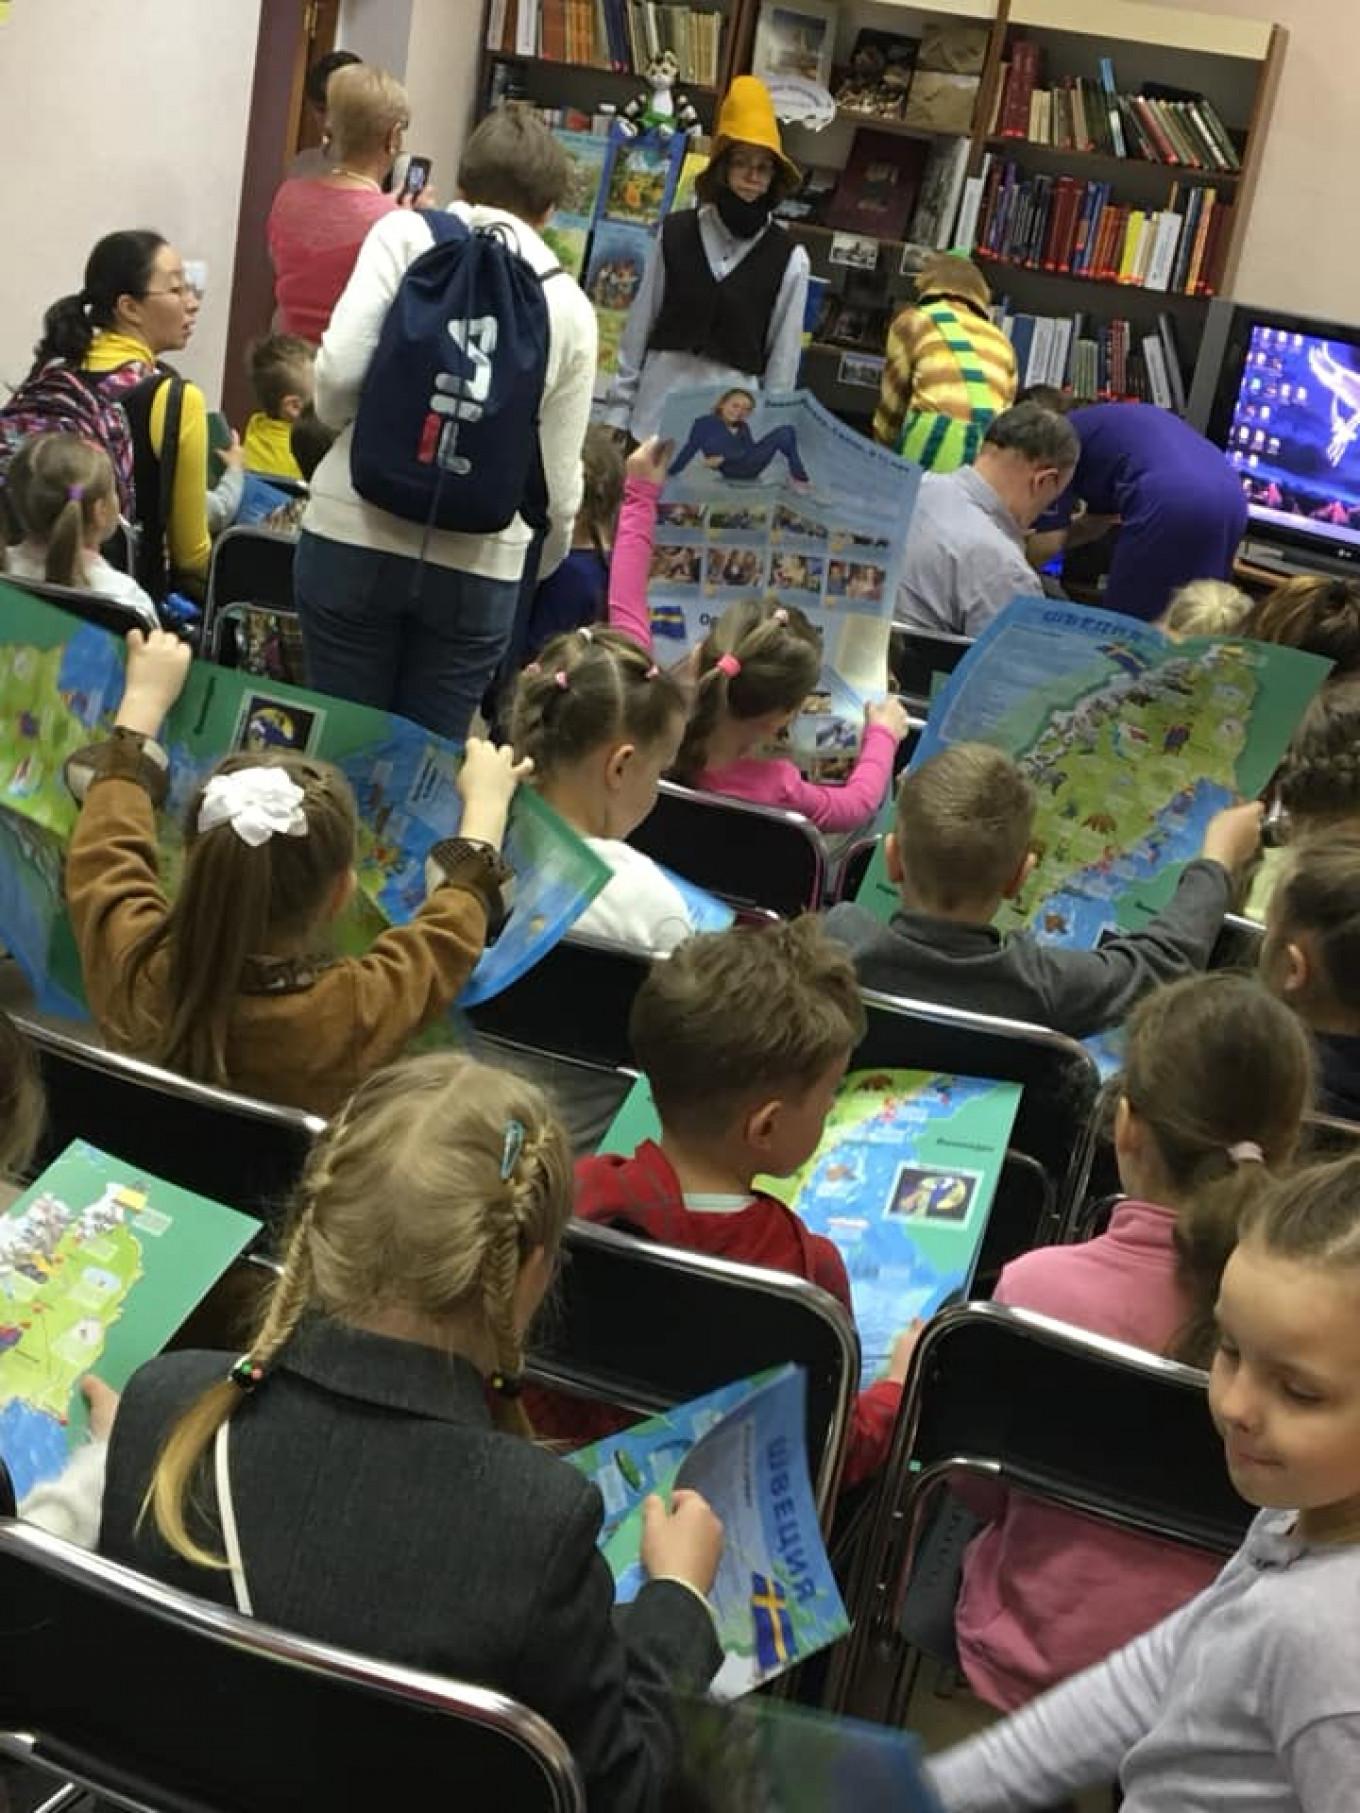 Andersen Children's Library, Kaliningrad Facebook